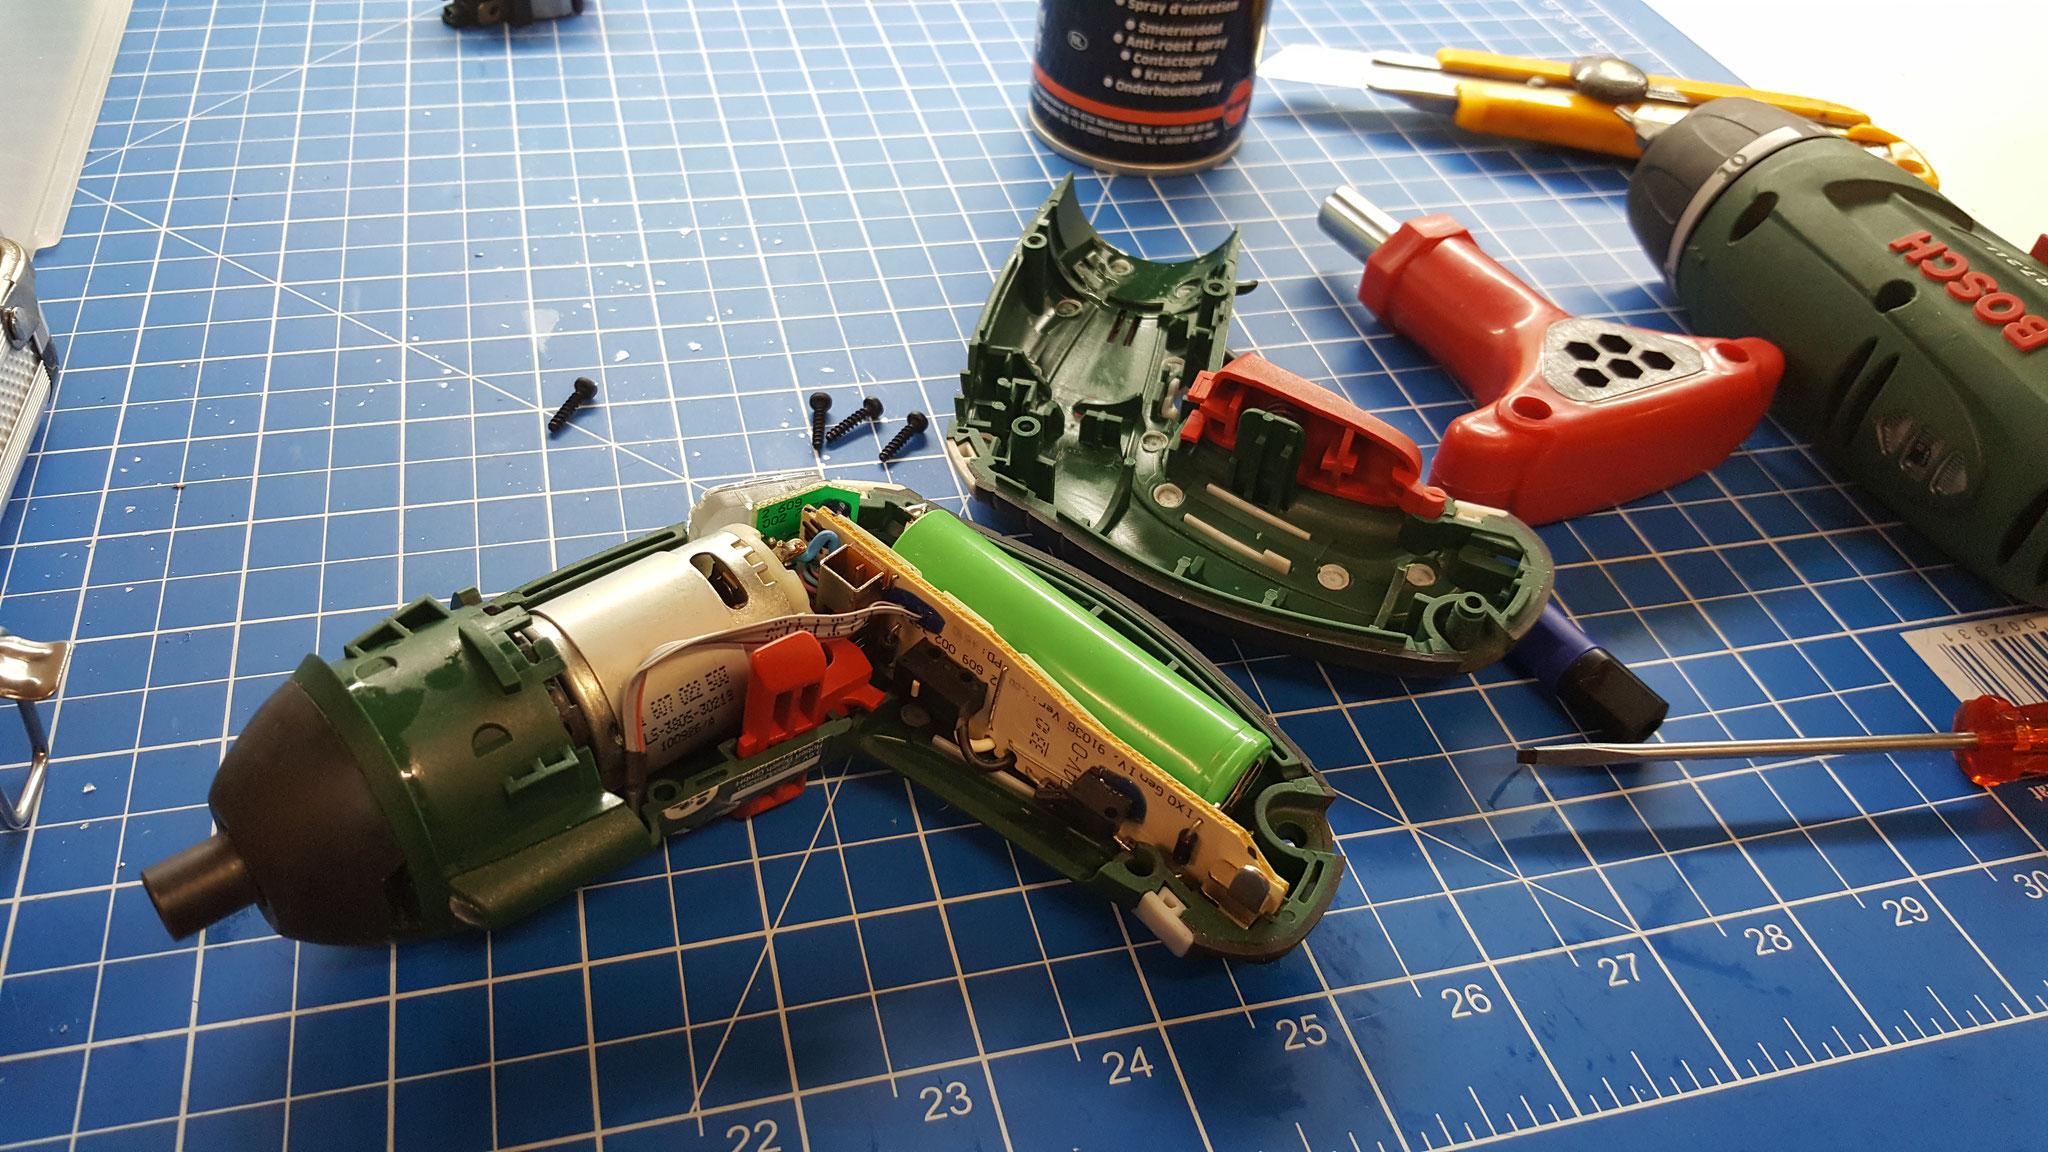 Akkubohrmaschine reparieren